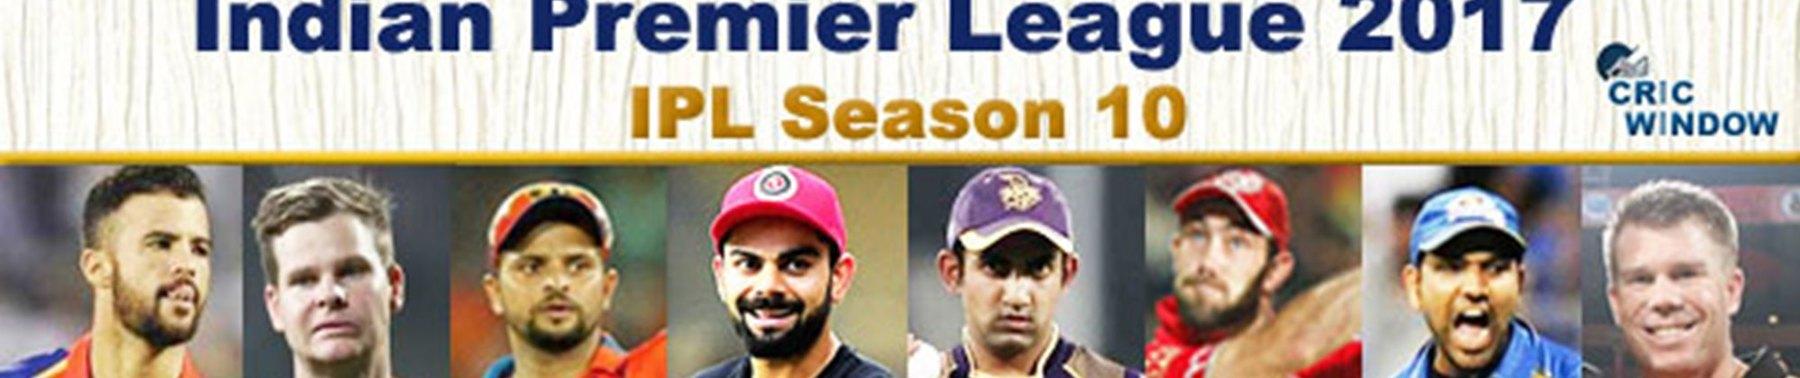 Indian Premier League (IPL) dataset (TILL 2017)   Kaggle